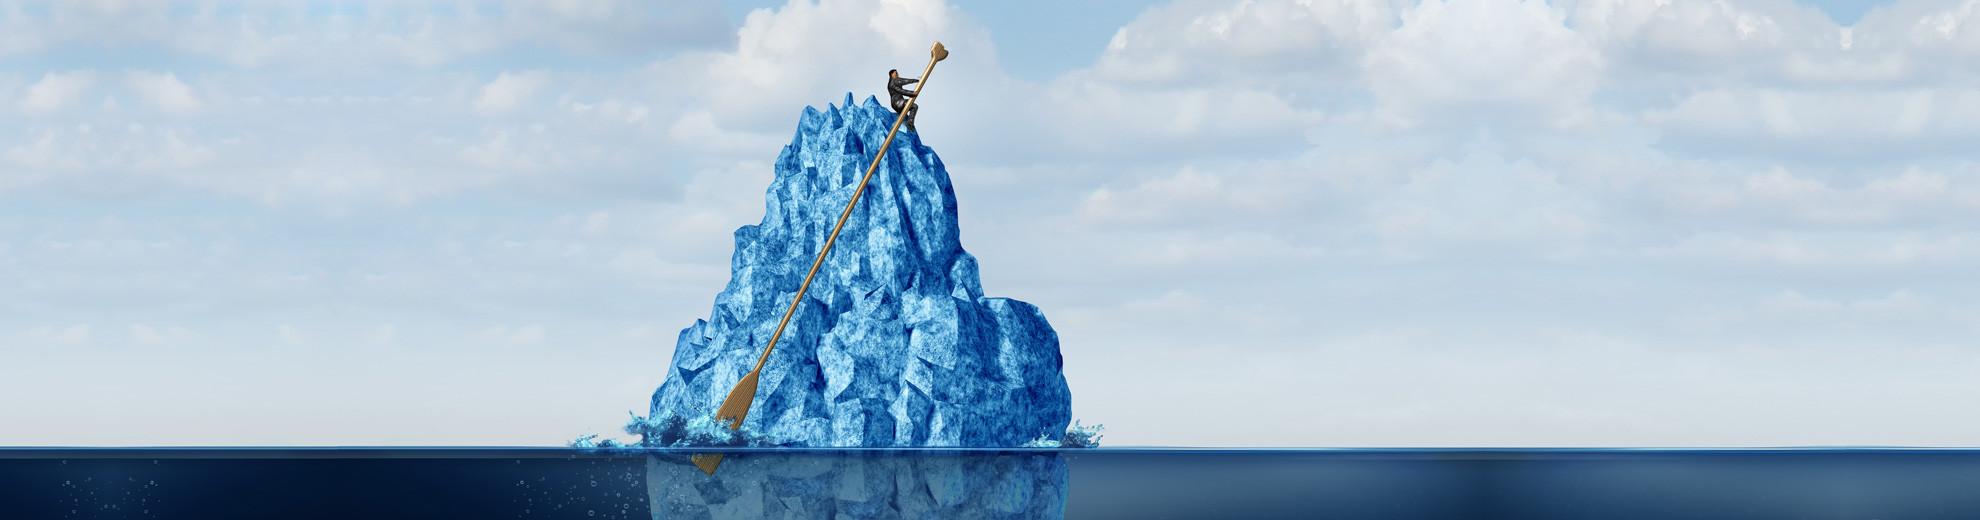 Valsts parāda aisberga neredzamā daļa: cik liela tā ir?